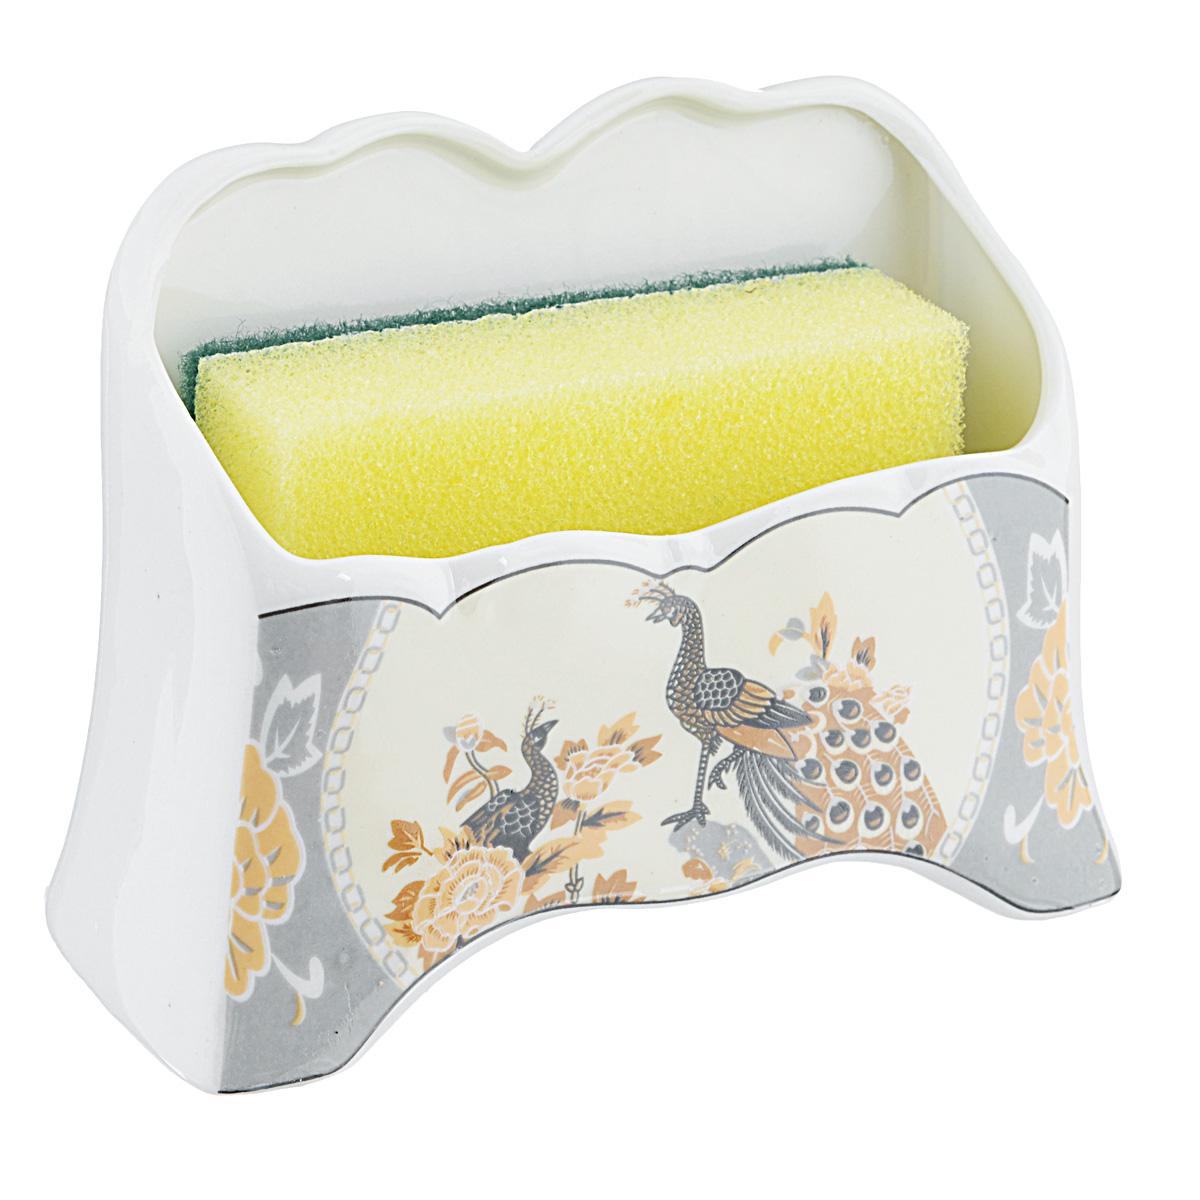 Набор для мытья посуды Saguro Павлин на бежевом, 2 предмета532-231Подставка Saguro Павлин на бежевом изготовлена из высококачественного фарфора и оформлена изображением павлинов. В комплект с подставкой входит губка для мытья посуды. Изящная подставка прекрасно впишется в интерьер вашей кухни. Не применять абразивные моющие средства. Размер подставки: 11,5 см х 5 см х 8,5 см.